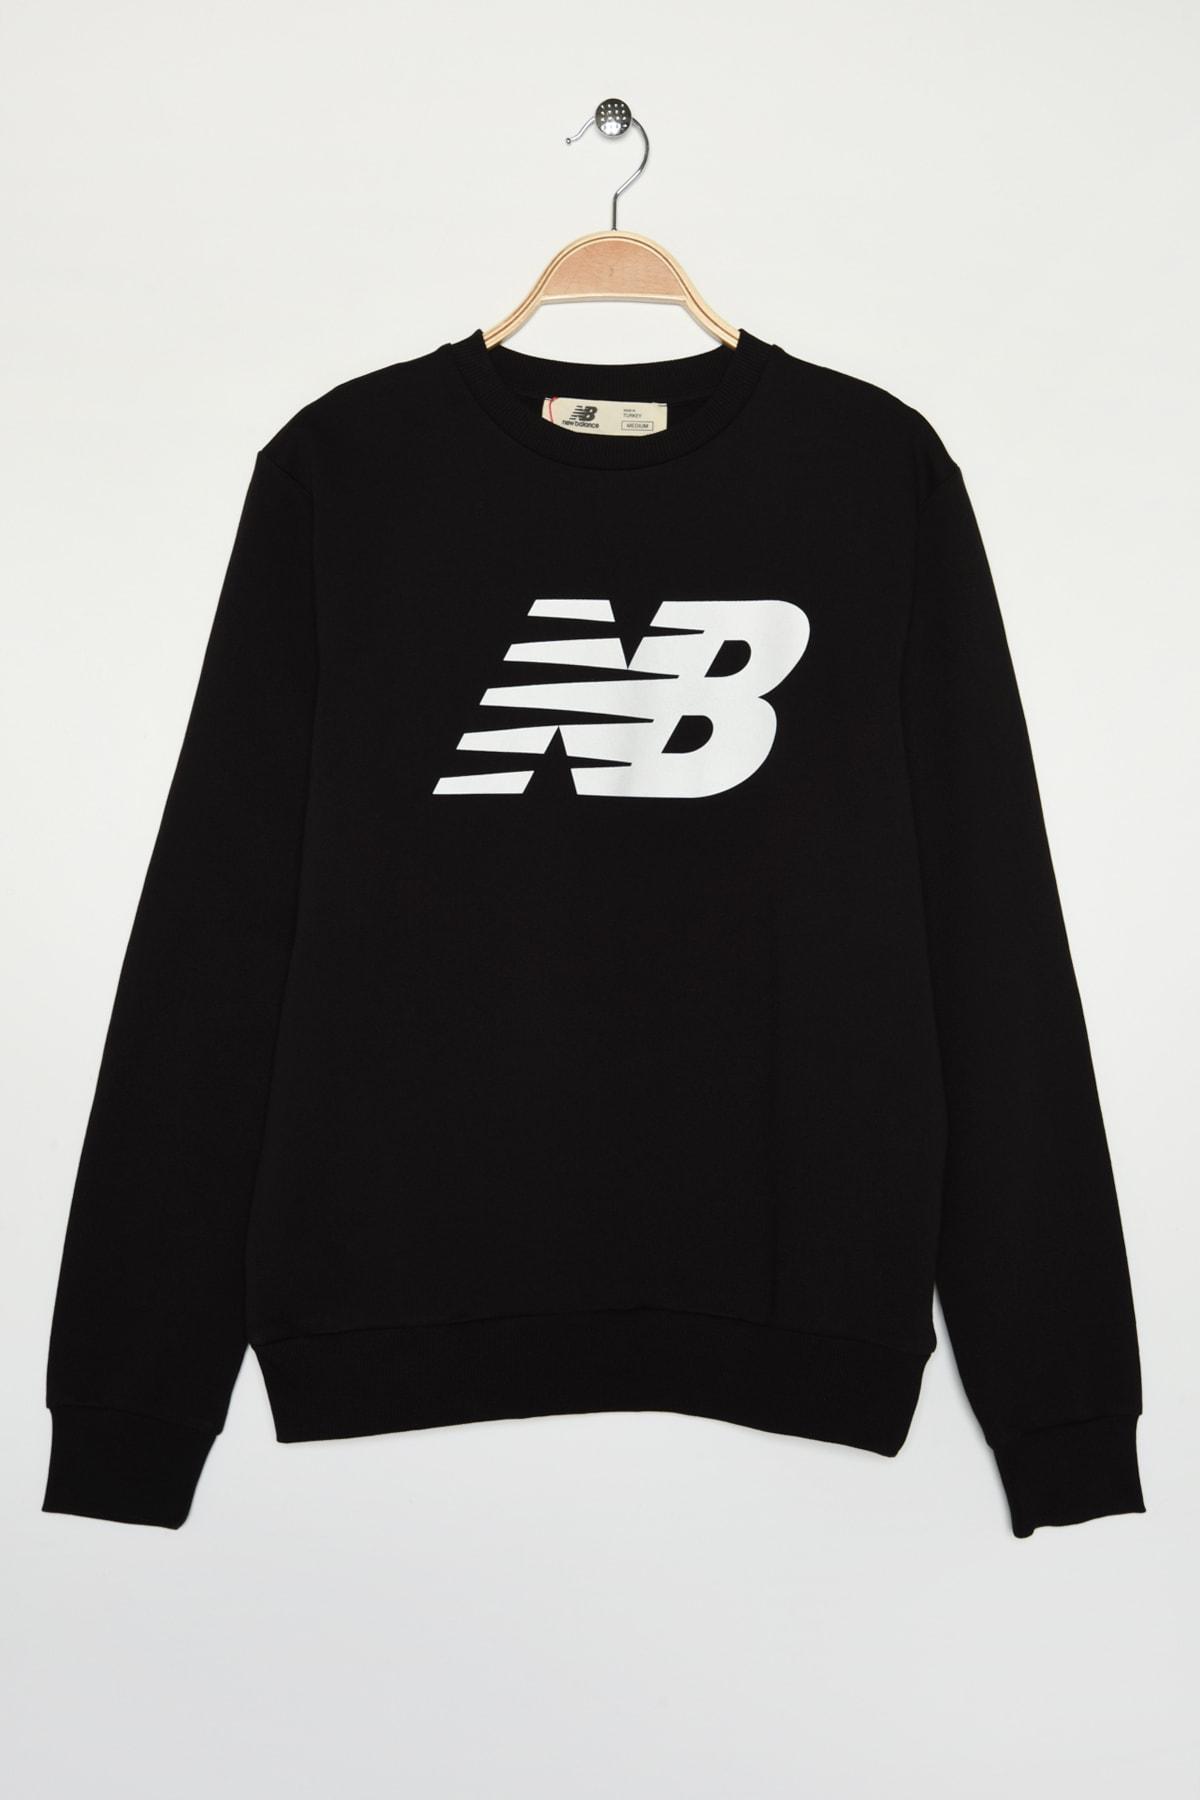 New Balance Erkek Spor T-Shirt - MTT0301-BK 1